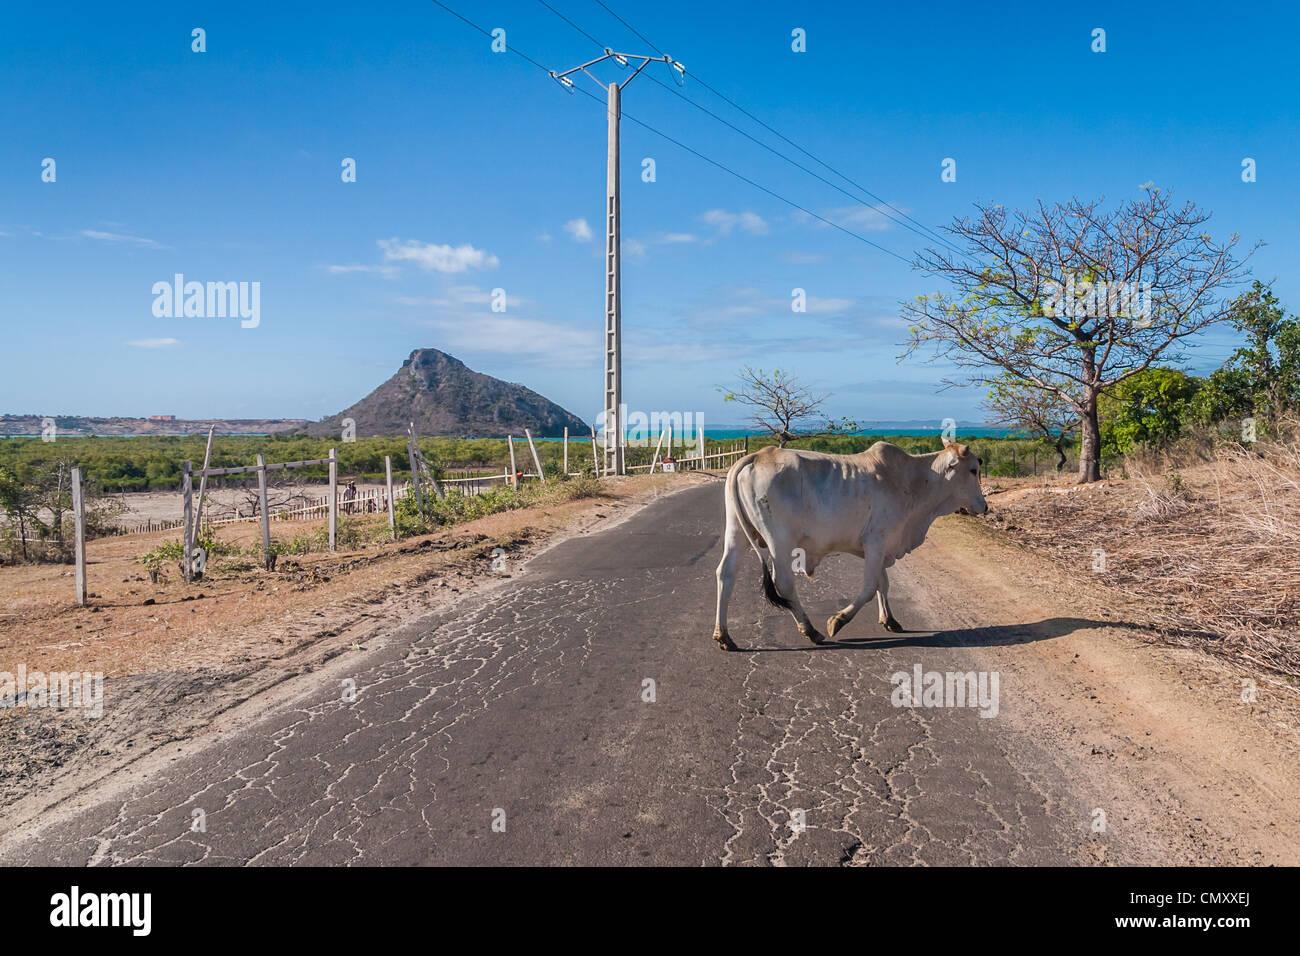 The road of Ramena, near Diego Suarez (Antsiranana), north of Madagascar - Stock Image